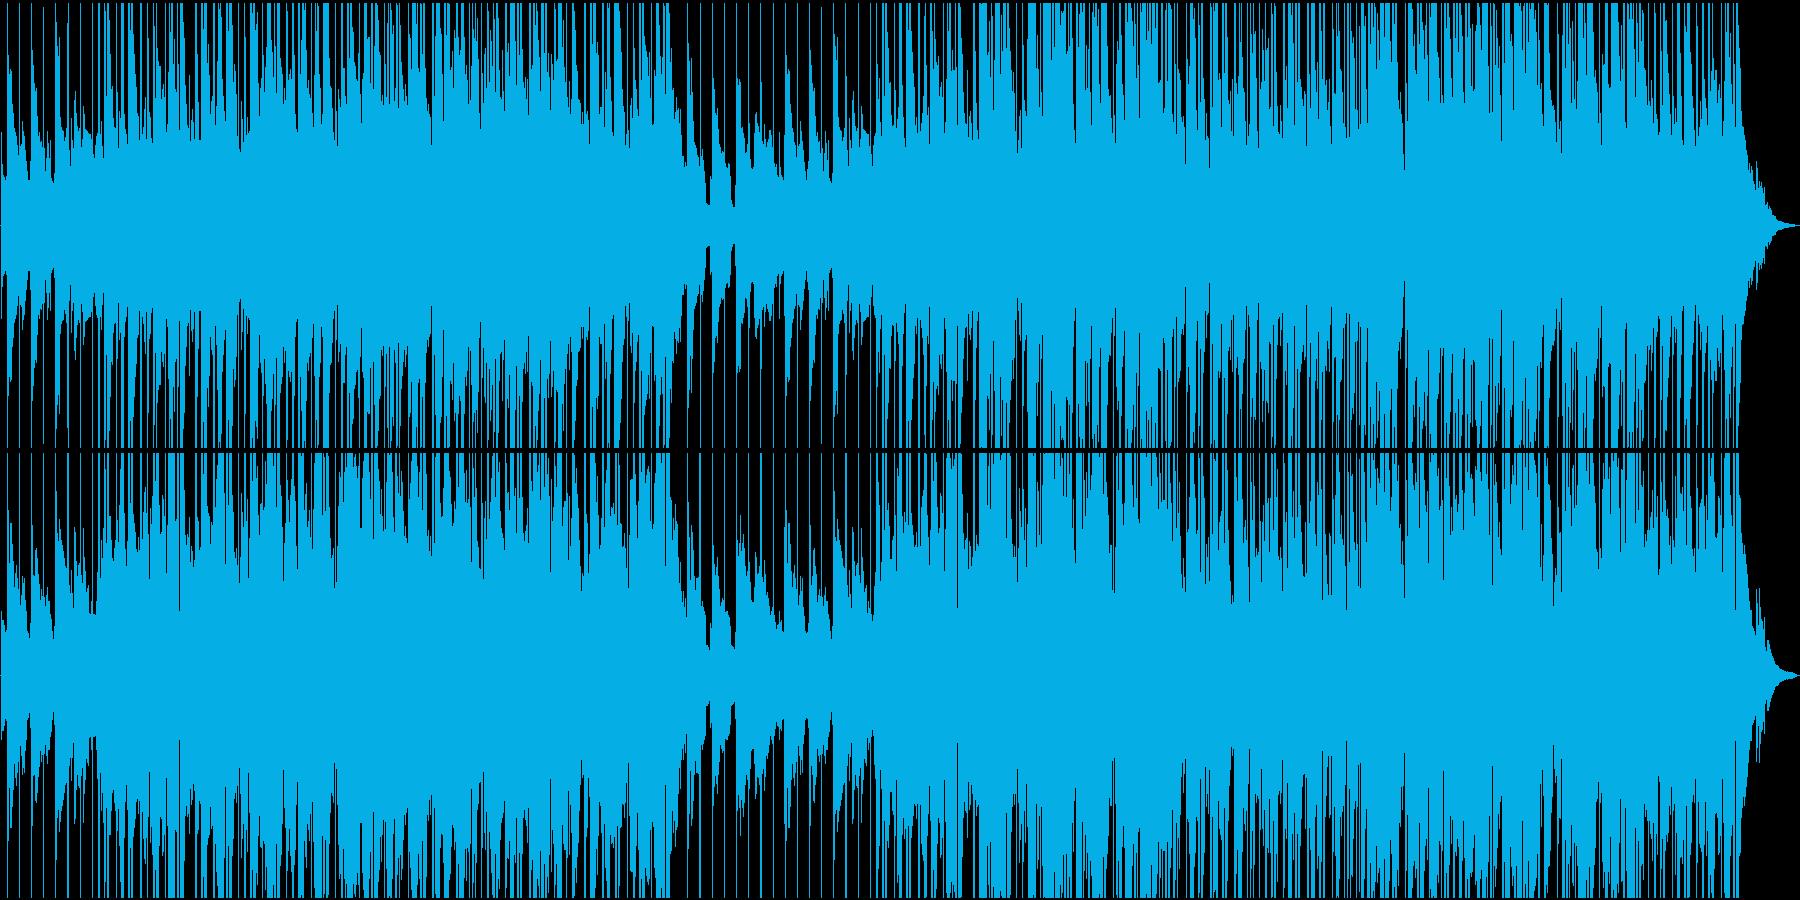 ほのぼの70'アメリカンレイドバックの再生済みの波形